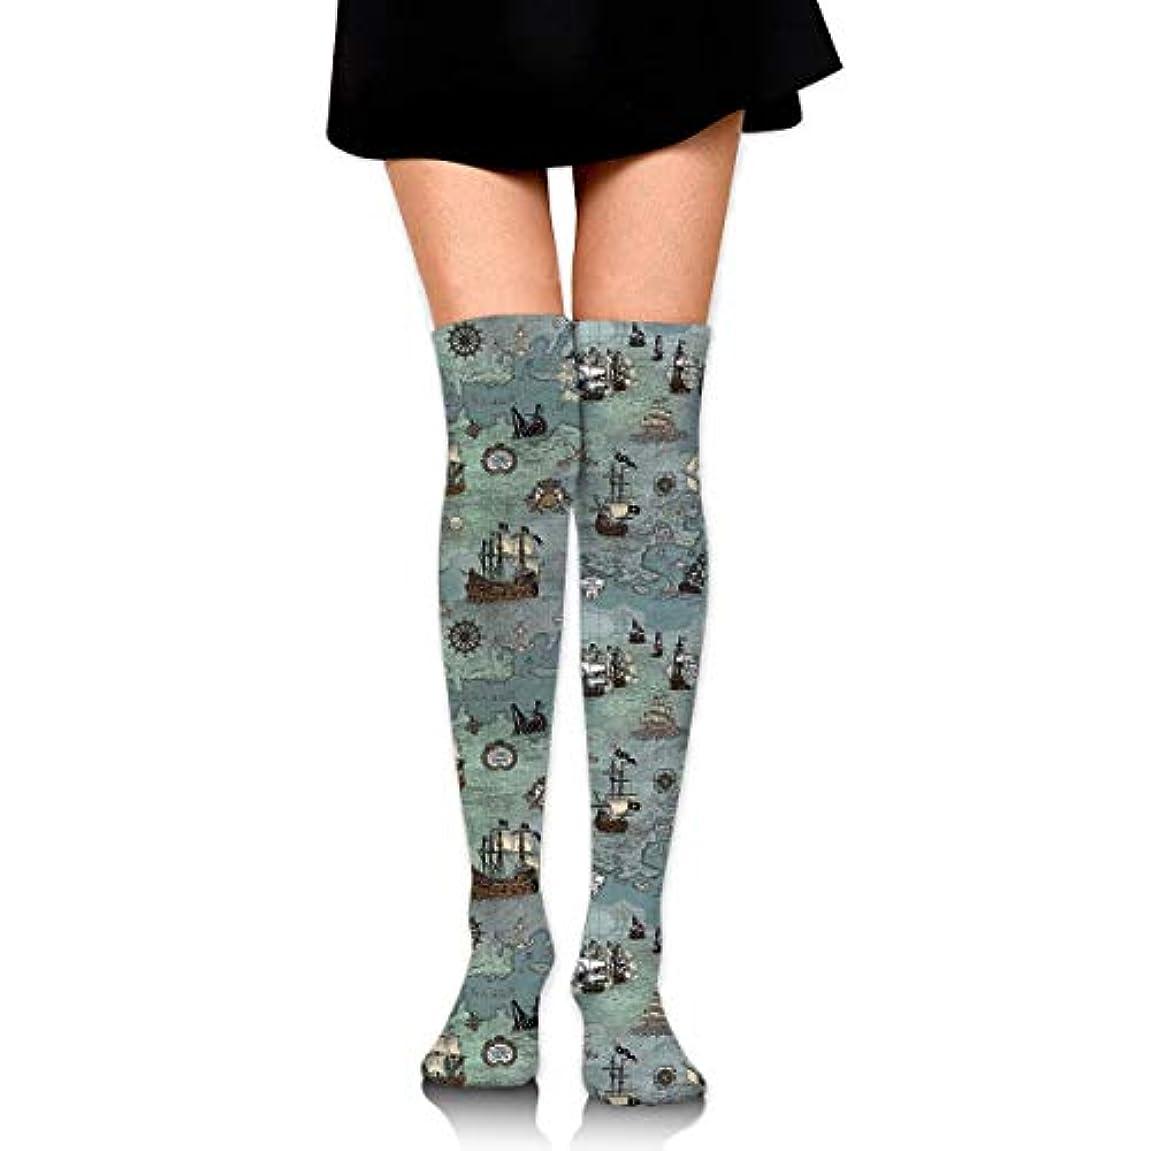 無礼に規定感染するMKLOS 通気性 圧縮ソックス Breathable Extra Long Cotton Thigh High Ship Map Socks Over Exotic Psychedelic Print Compression...